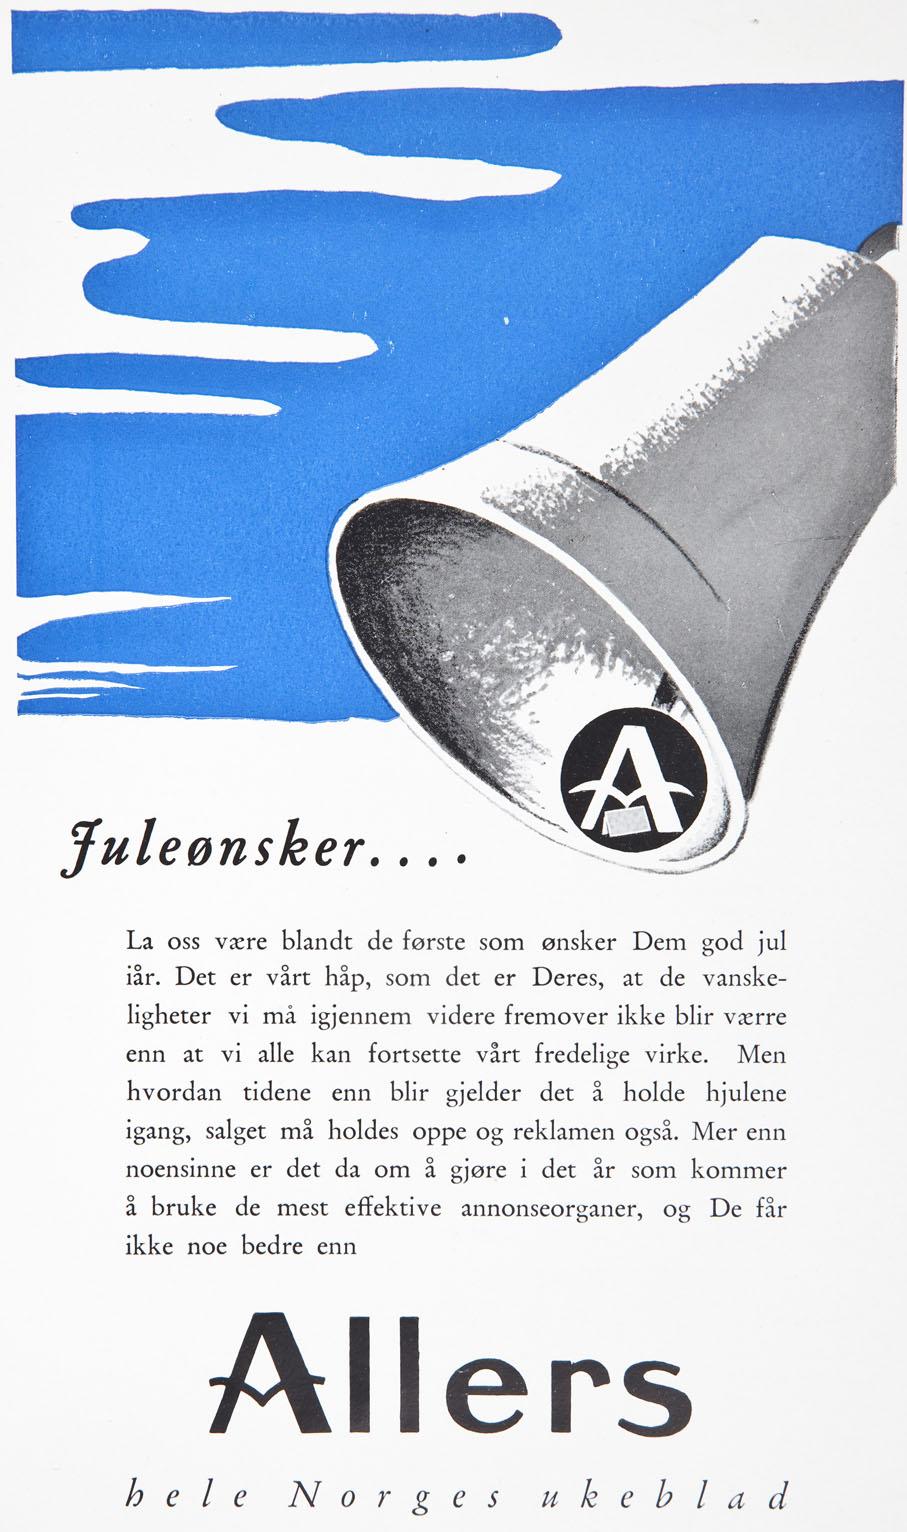 I 1939 ønsket Allers å ringe julen inn med fredlige toner. Bare måneder senere var krigen også rammet Norge, rått og brutalt.